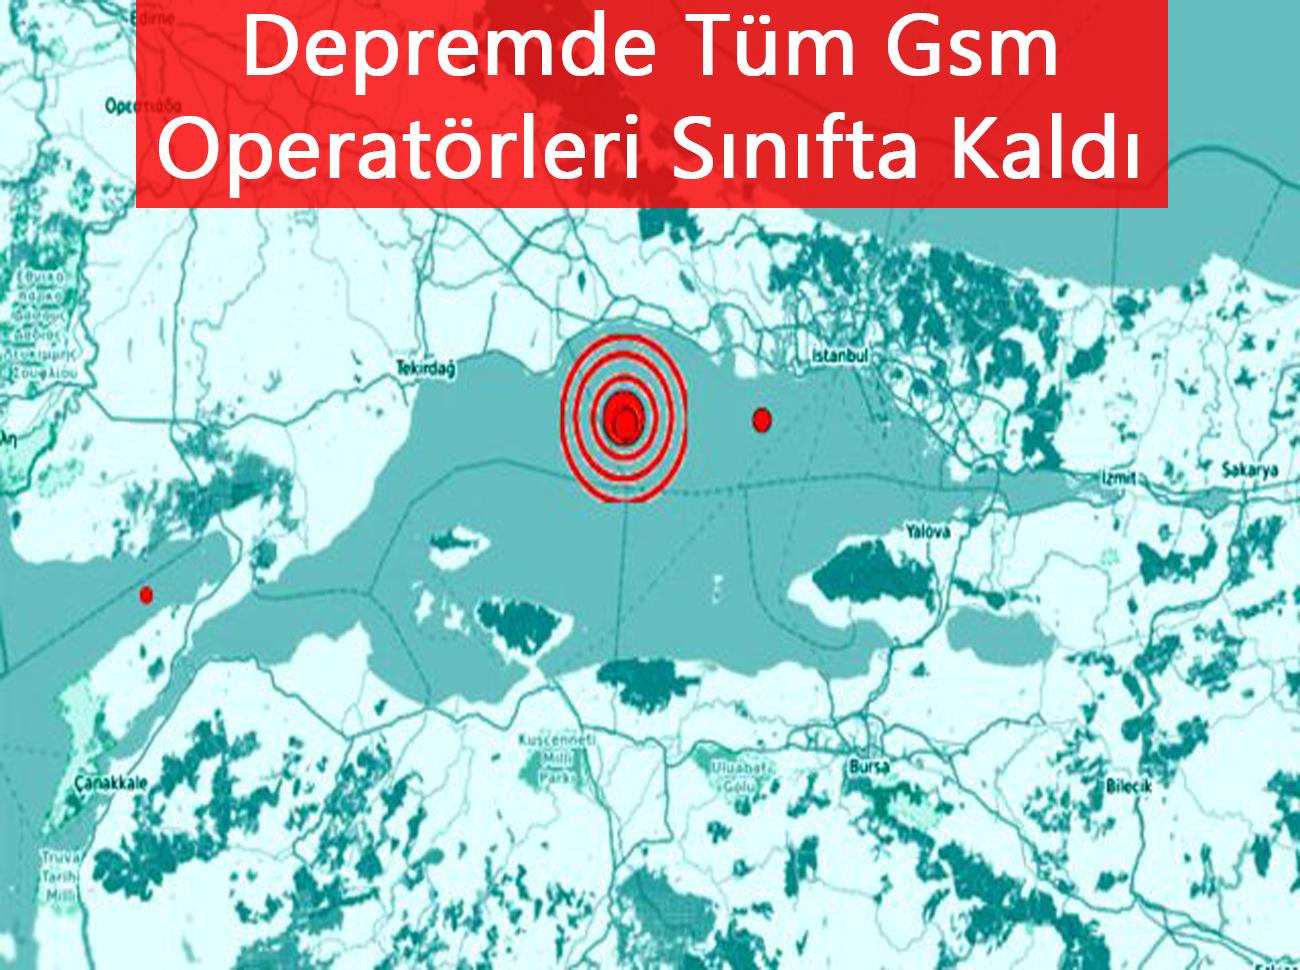 Depremde Tüm Gsm Operatörleri Çöktü